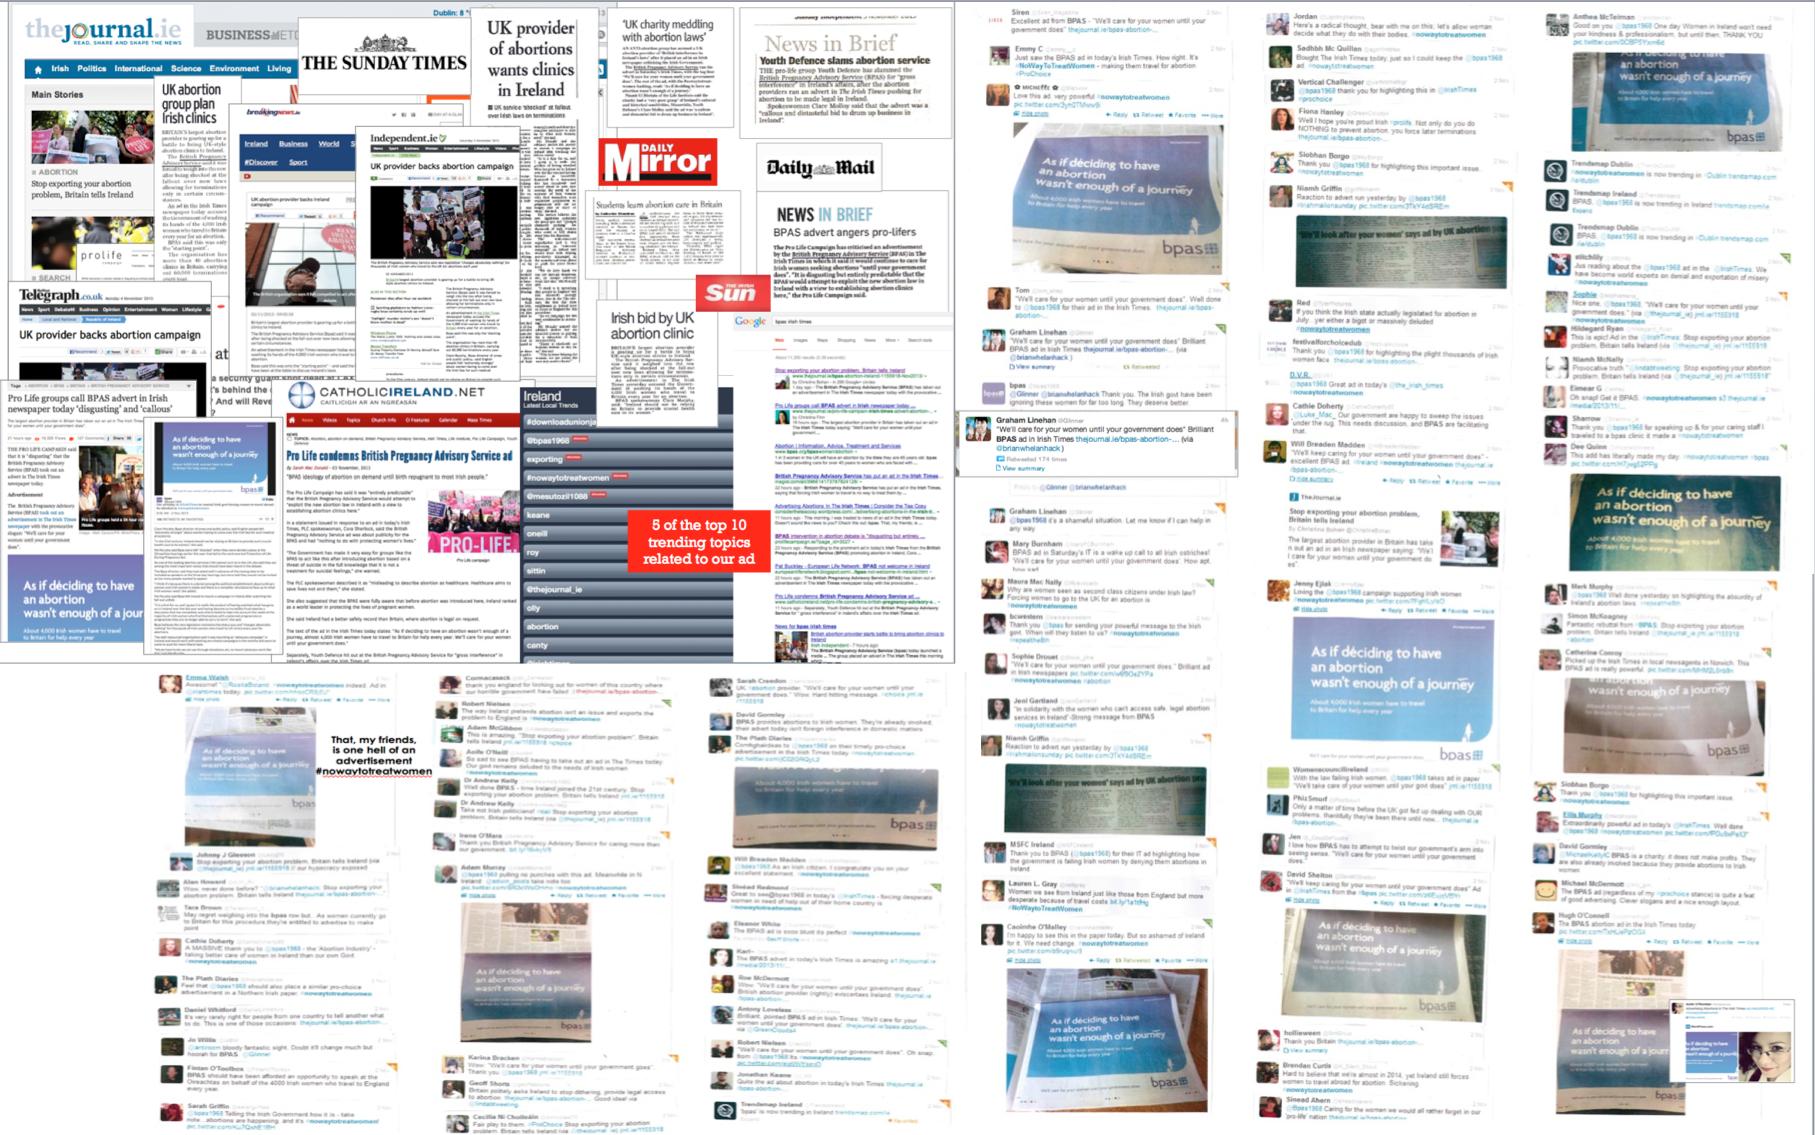 Screen Shot 2014-02-03 at 13.59.50.png